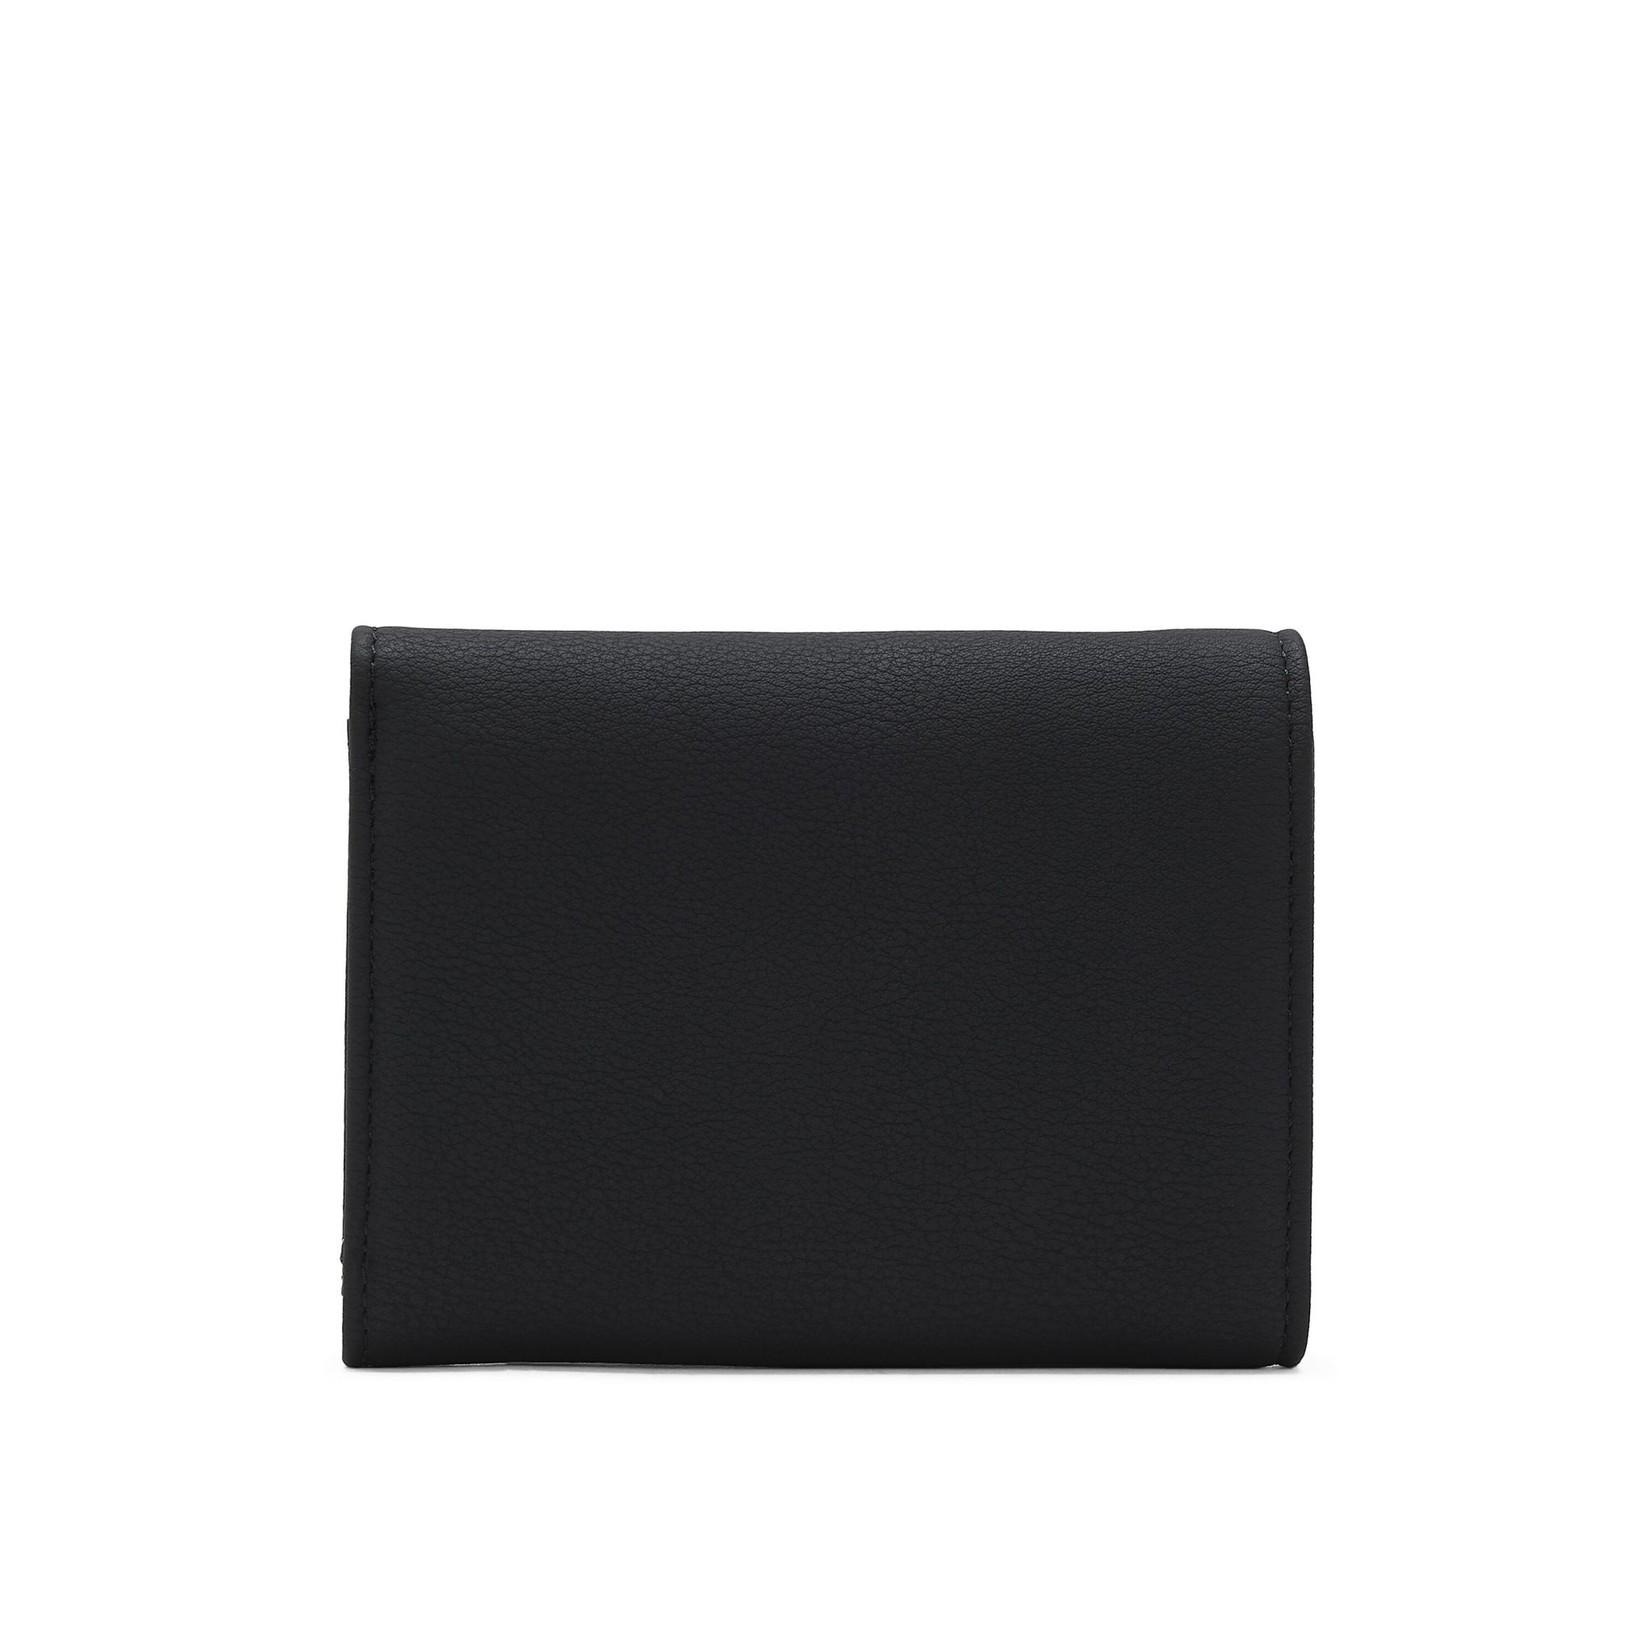 Co-lab Co-lab portefeuille noir